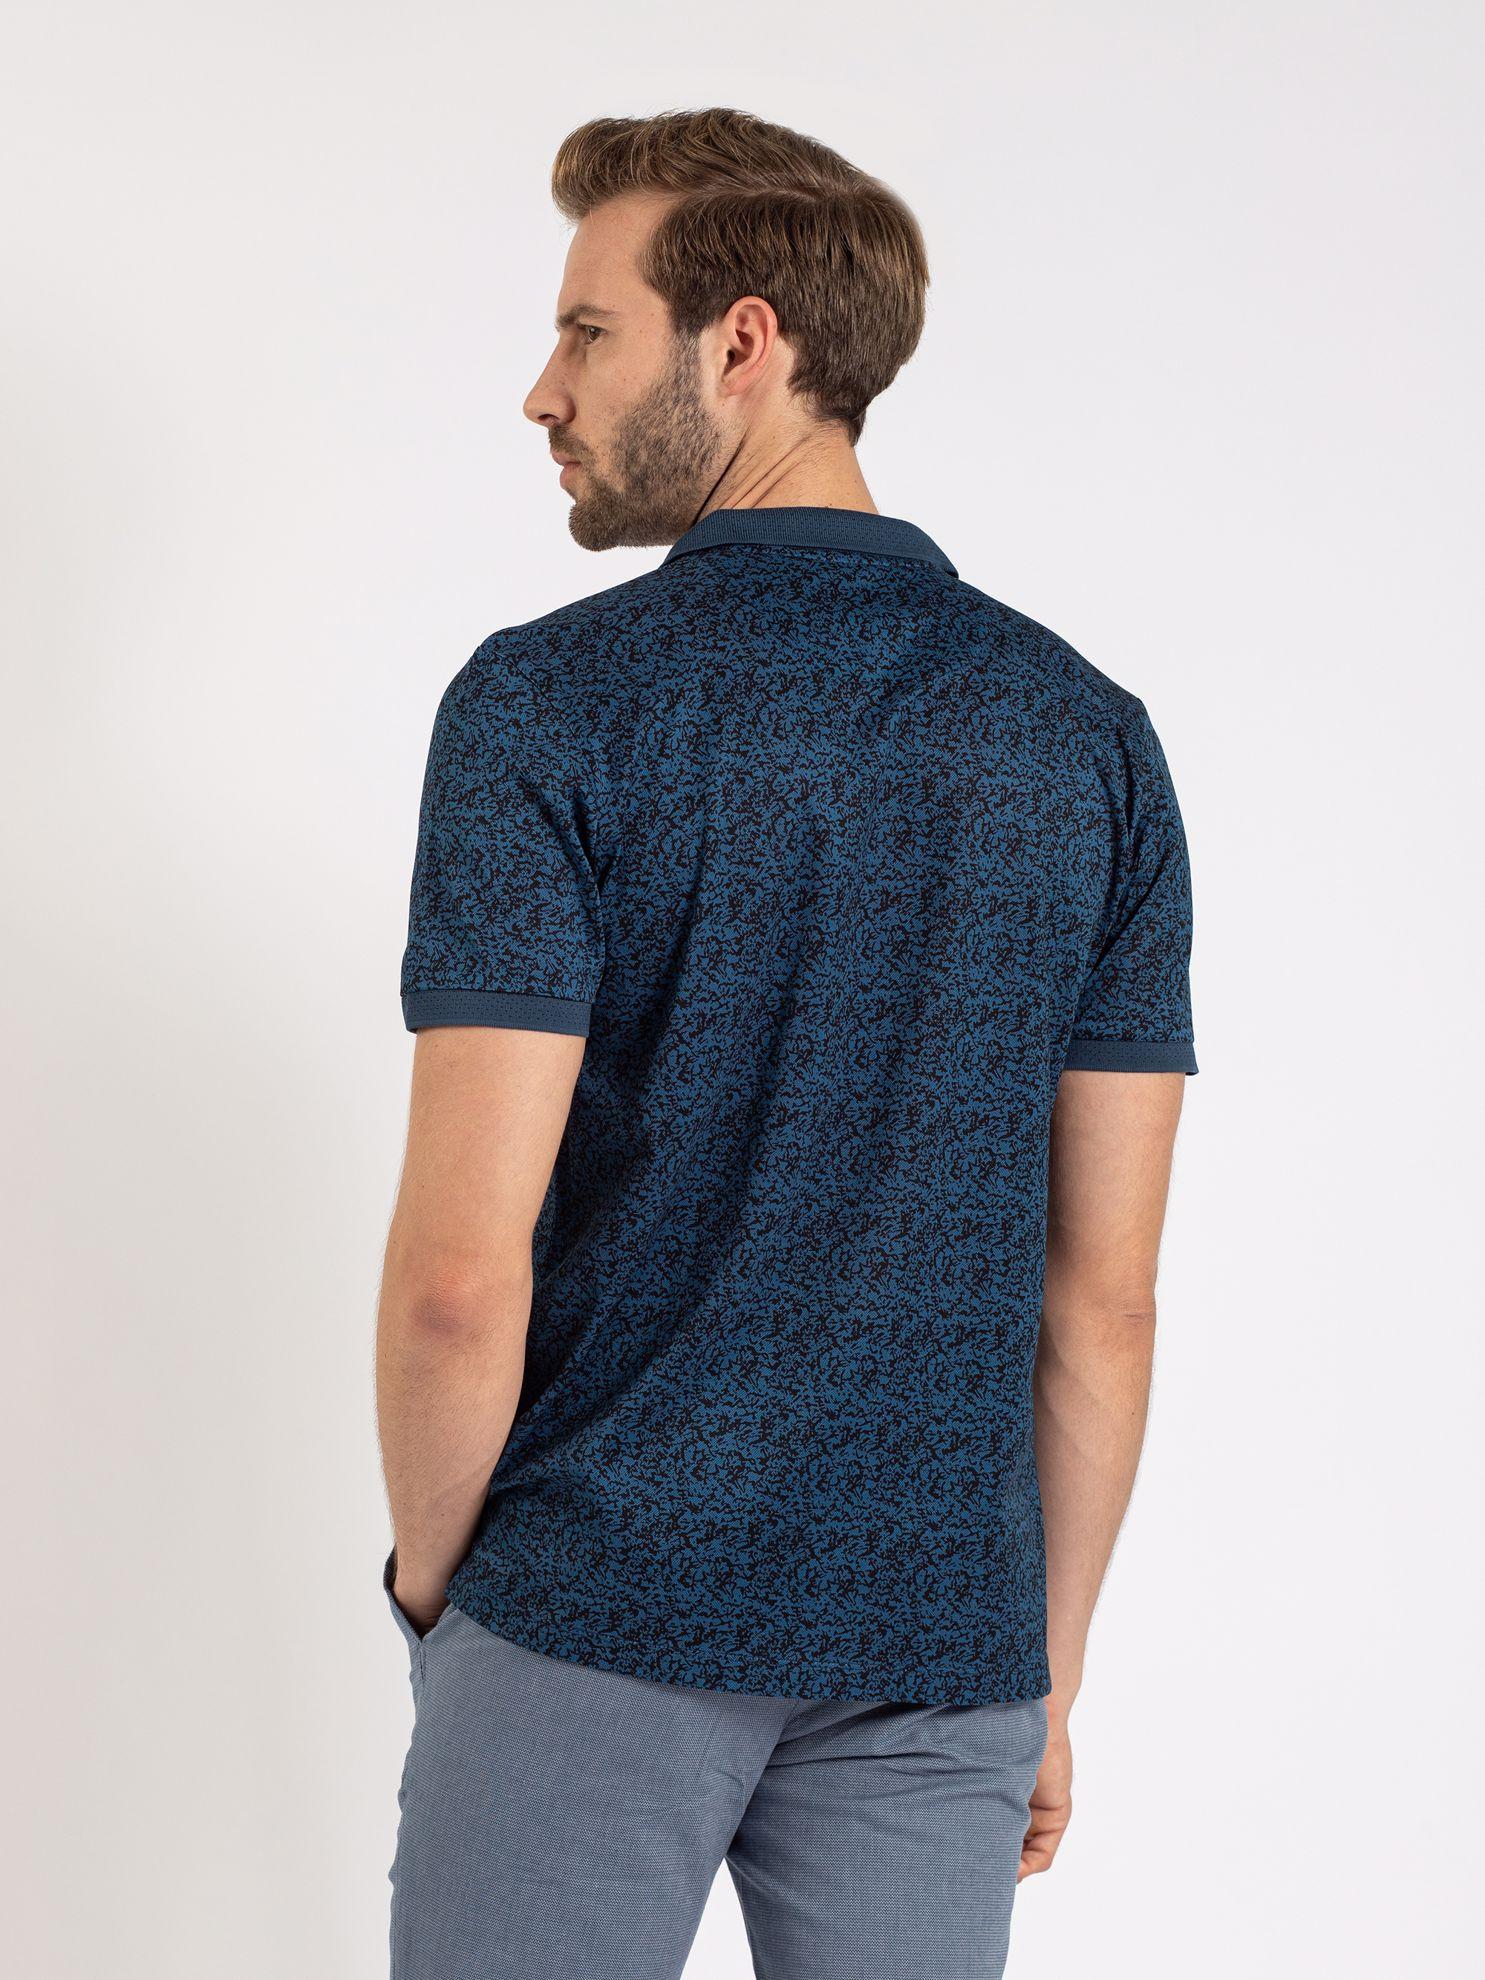 Karaca Erkek Slım Fıt Polo Yaka Tişört-İndigo. ürün görseli